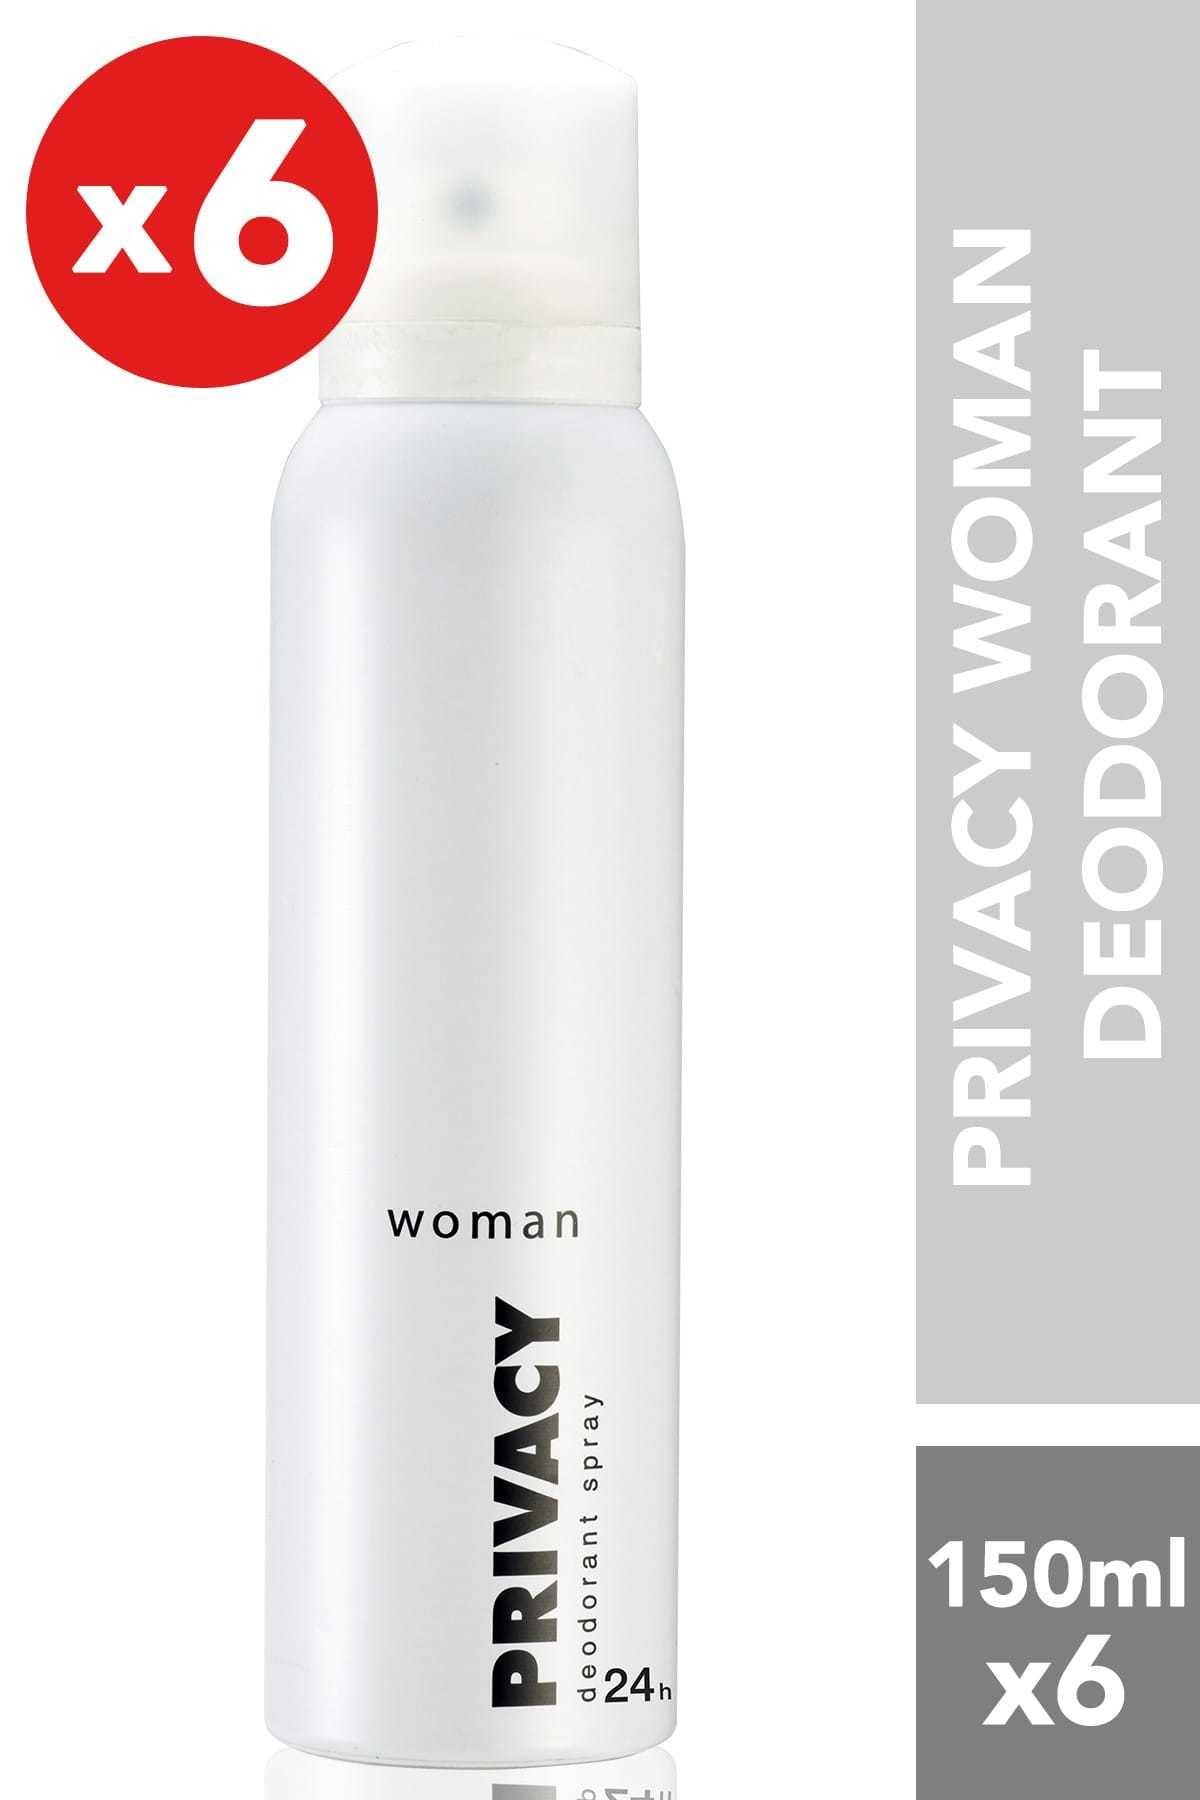 Kadın Deodorant 150ml x 6